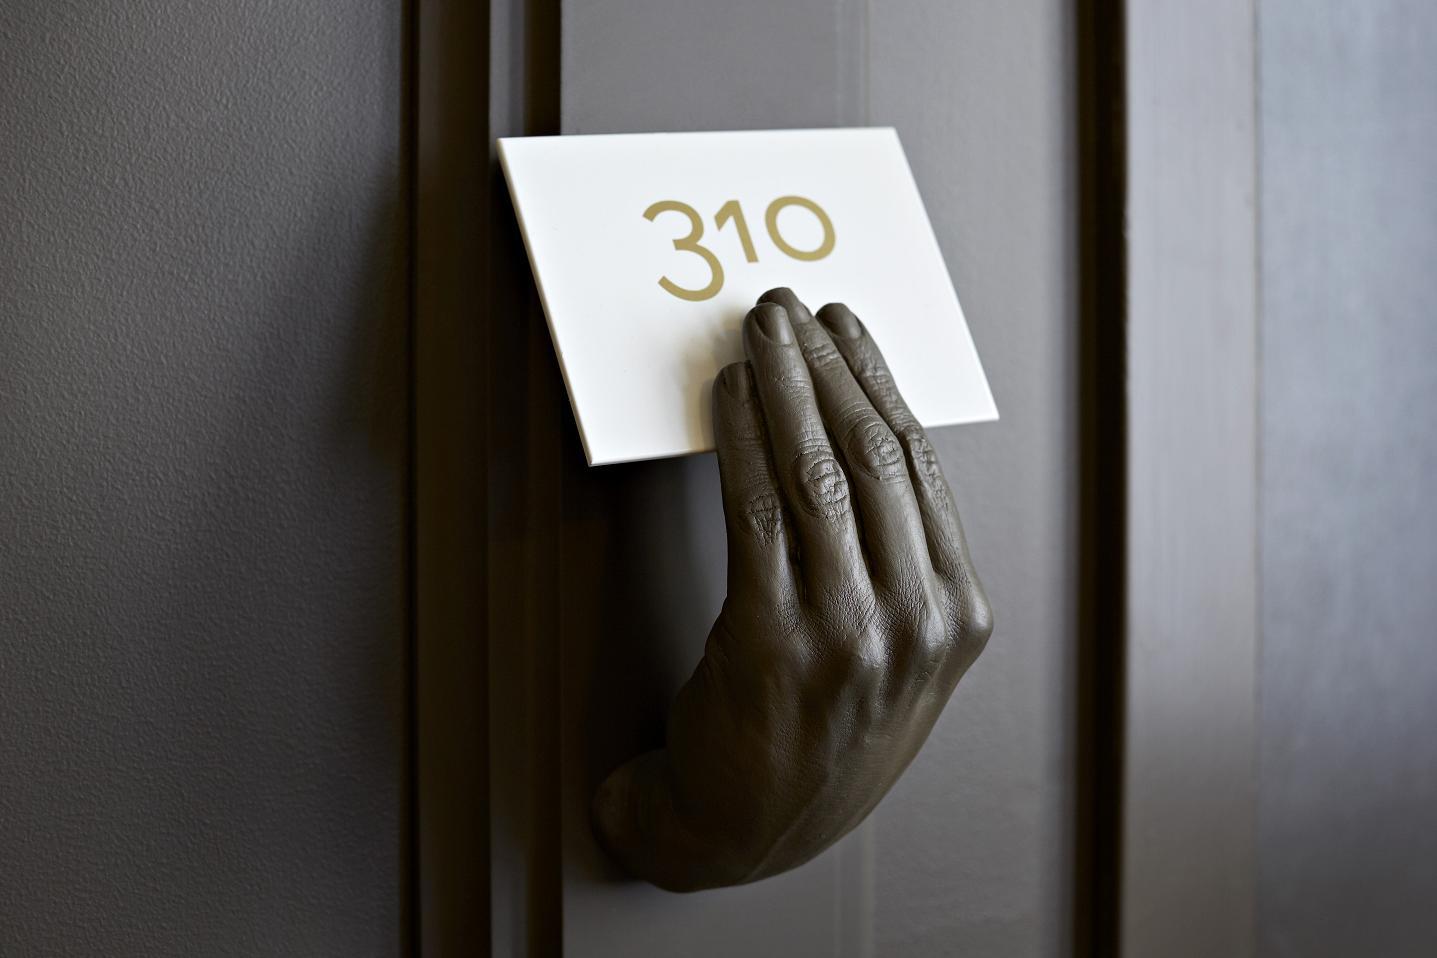 Номер на дверь квартиры — маленькая, но важная деталь (27 фото)